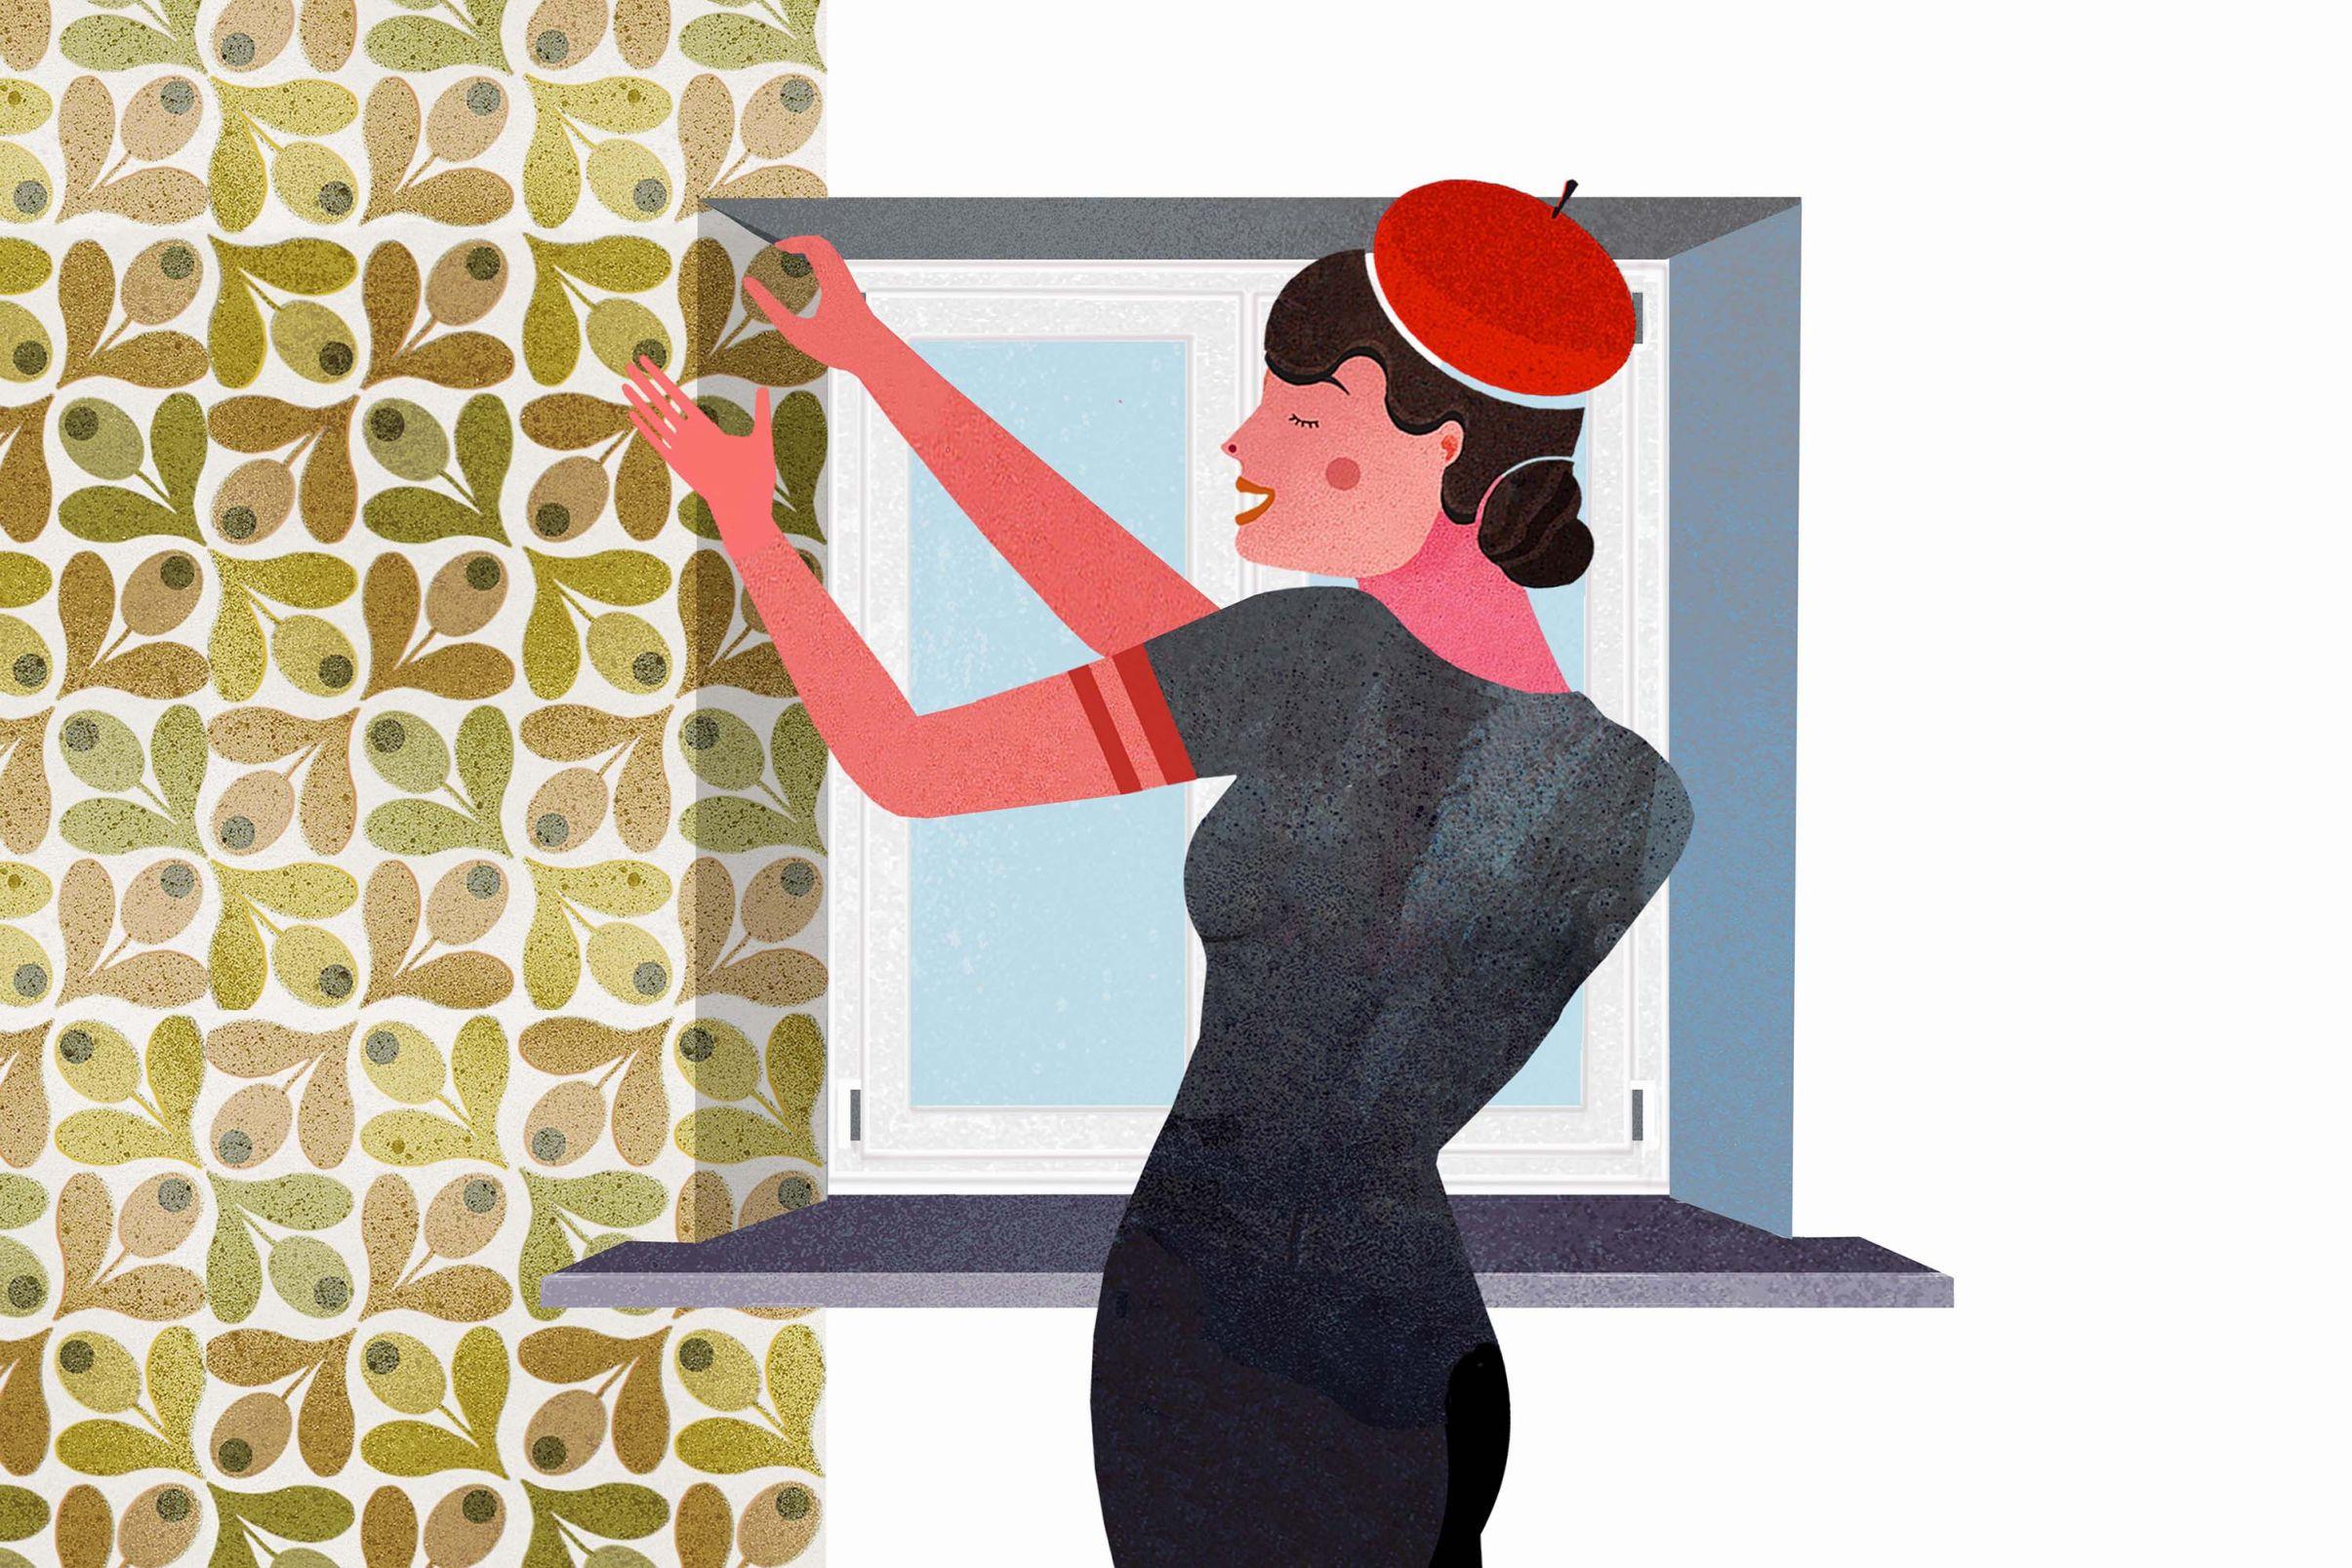 Como-aplicar-papel-de-parede-ao-redor-de-janelas-e-portas-Aplicar-papel-de-parede-com-uma-sobra-a-volta-das-janelas